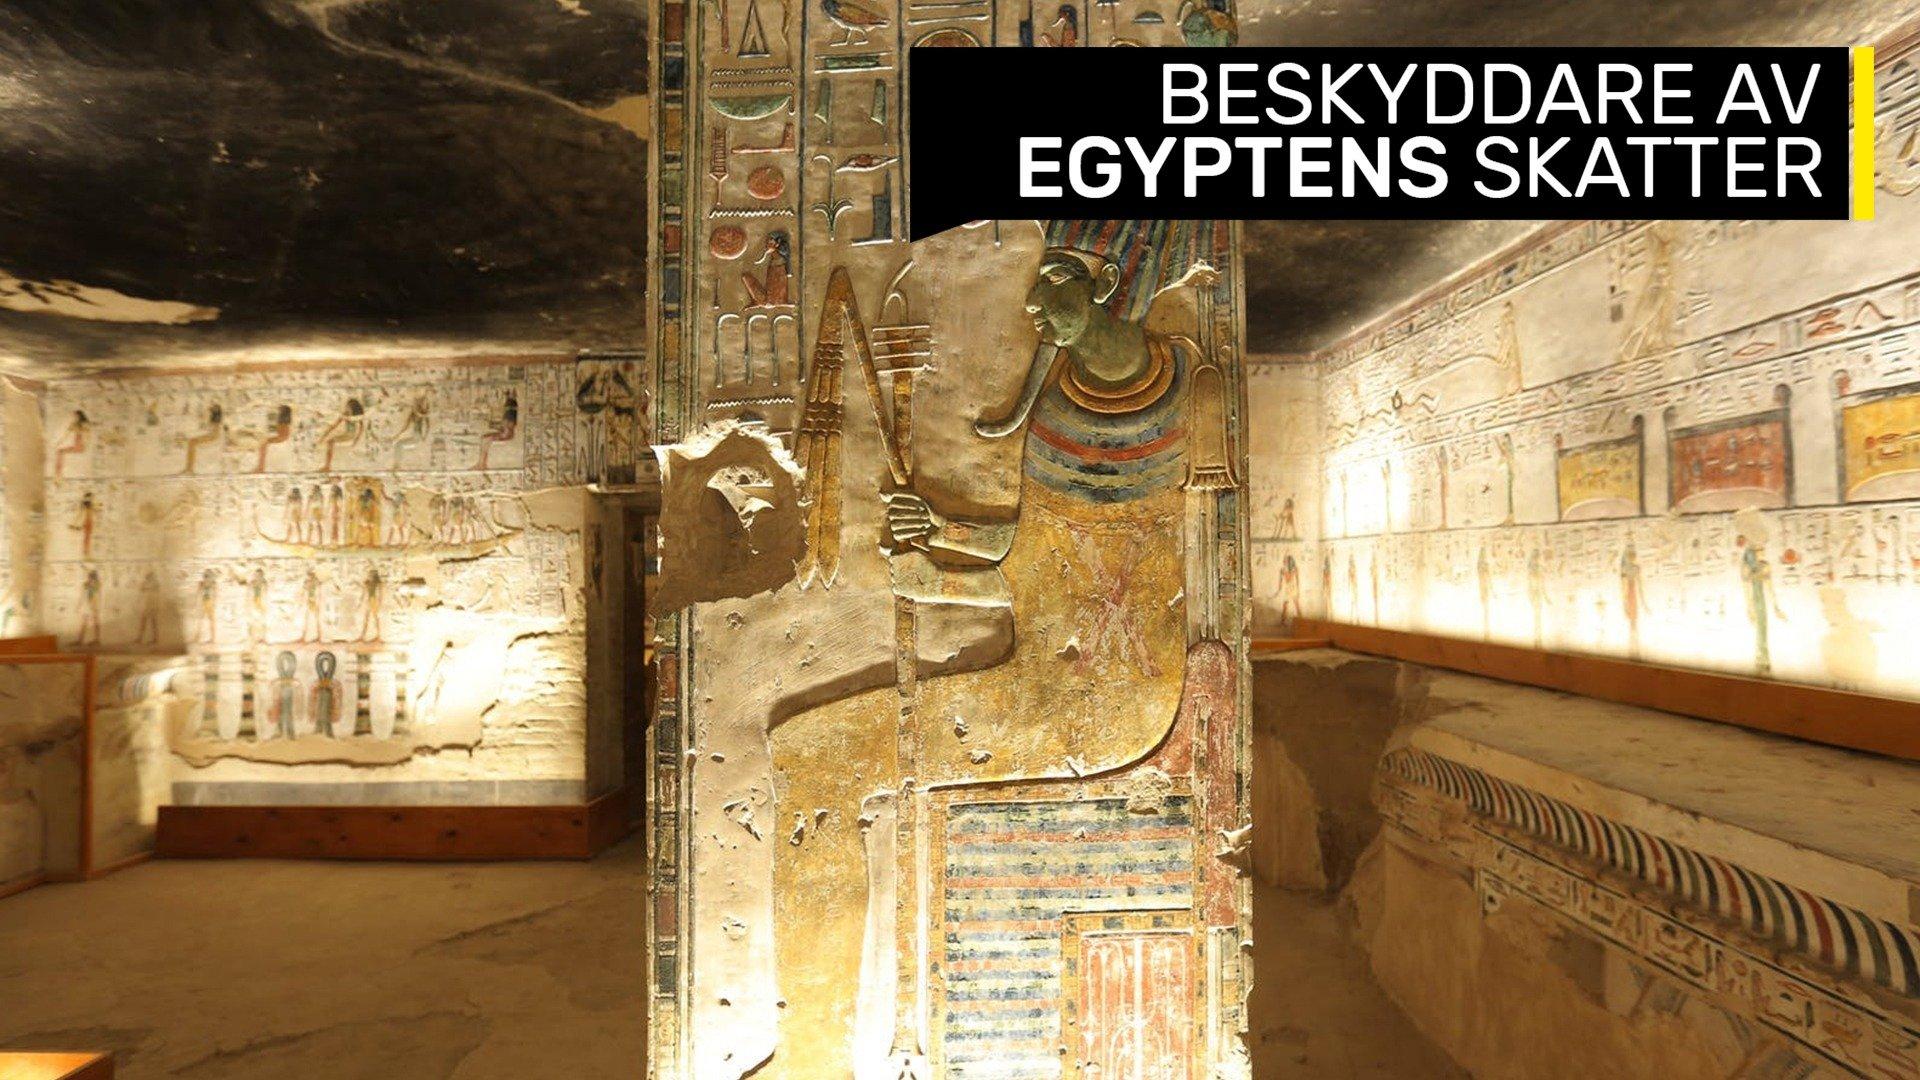 Beskyddare av egyptens skatter